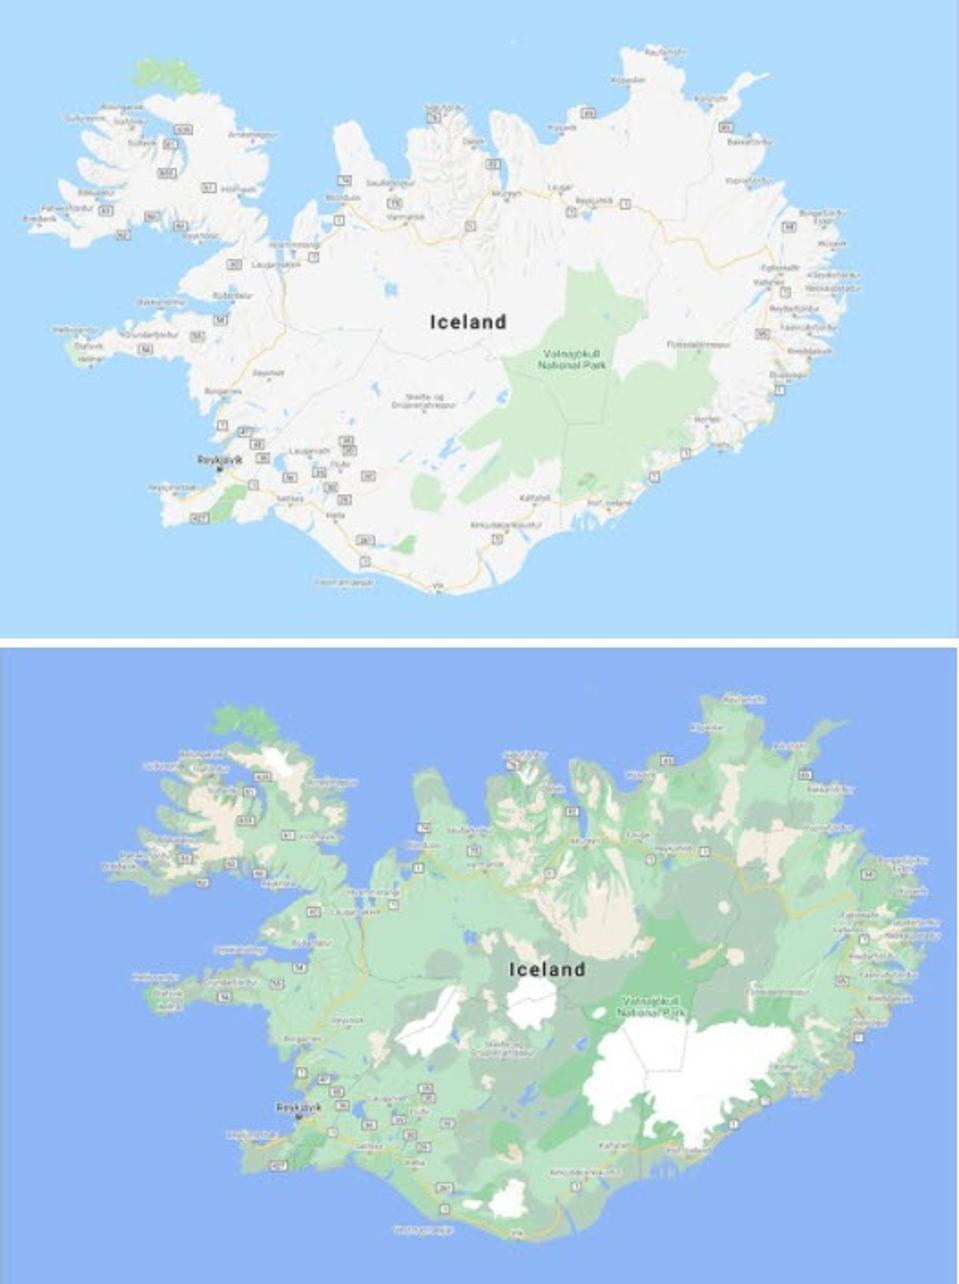 Google ارتقای گسترده برای کاربران Google Maps را تایید کرد